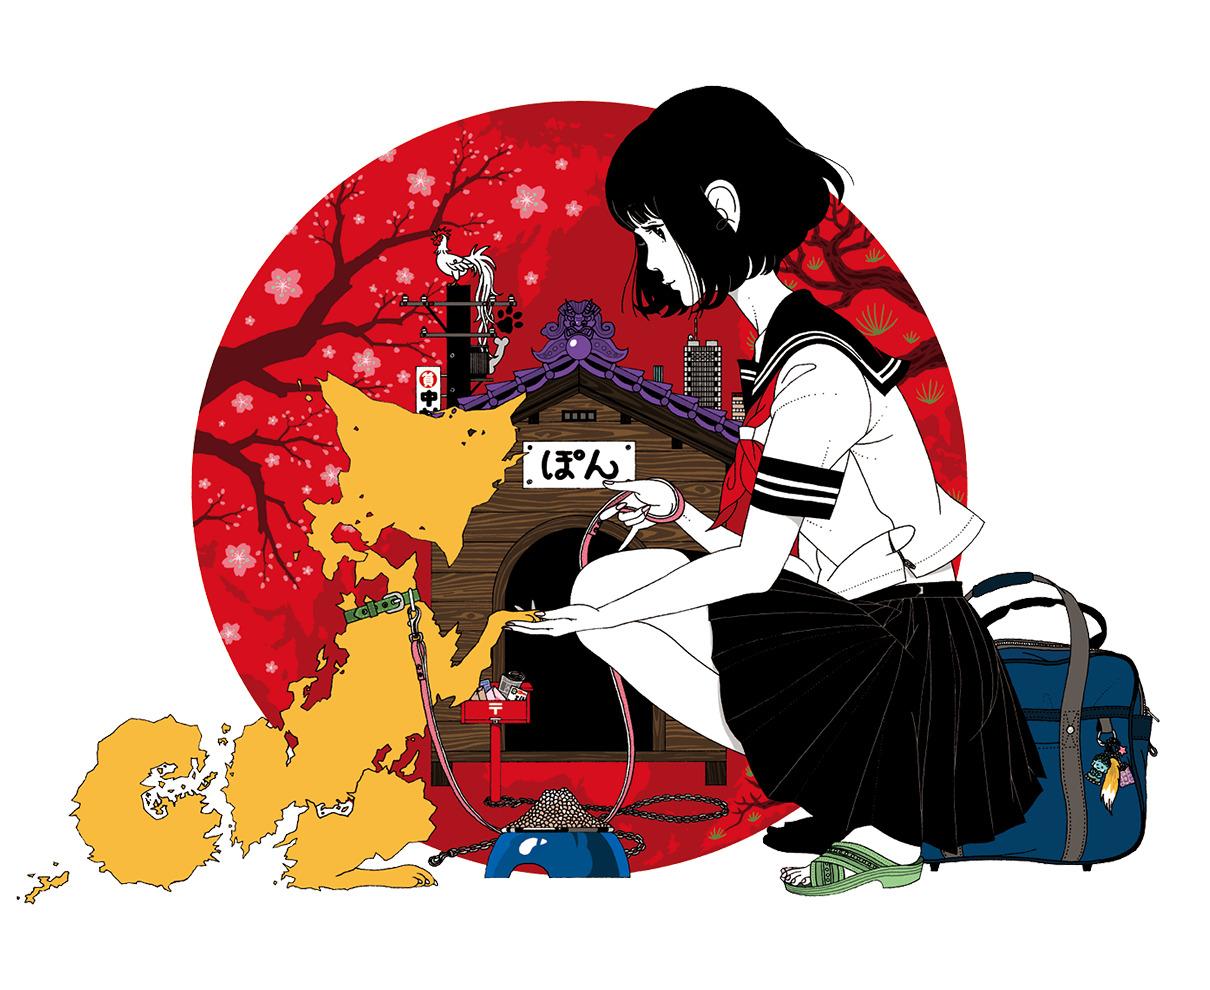 【4/29~】中村佑介作品のほぼすべてを一堂に会する、史上最大の展覧会開催!